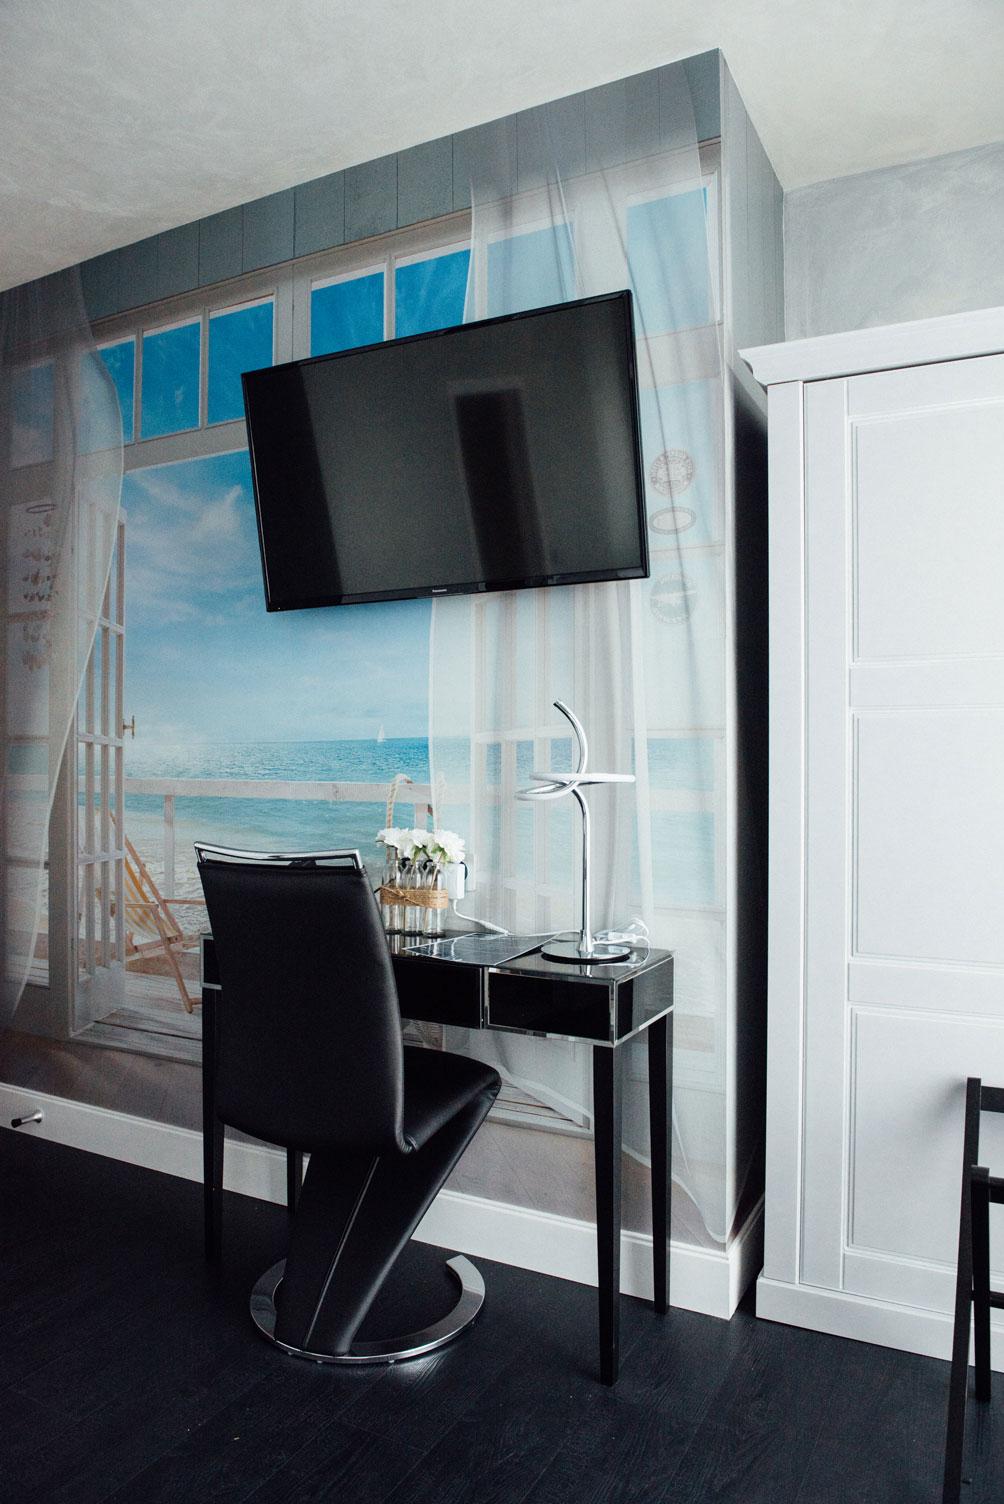 Chambre standard table chaise télévision | Amirauté Hôtel La Baule